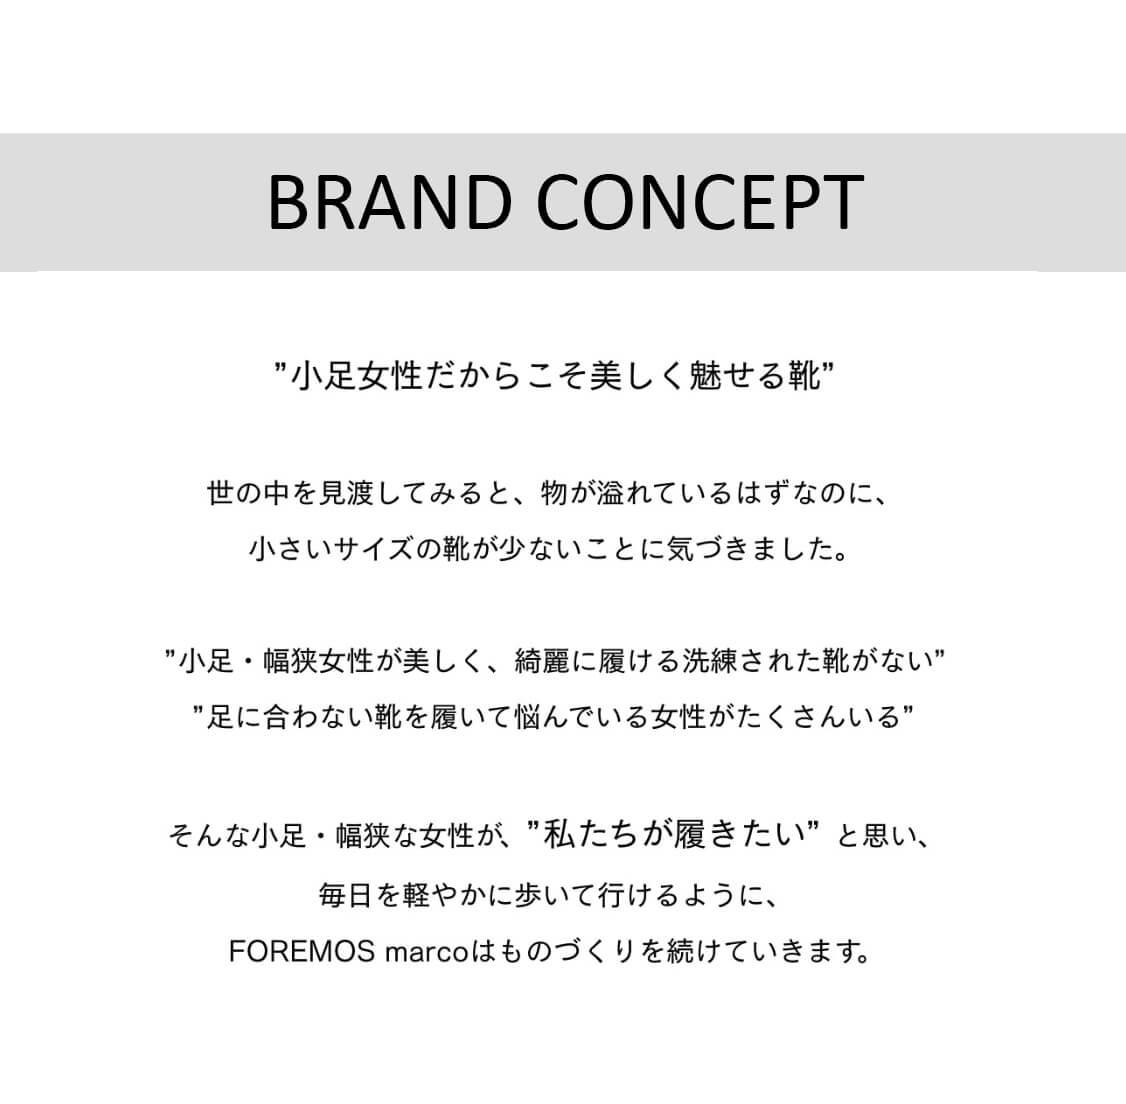 FOREMOS marco ブランドコンセプト